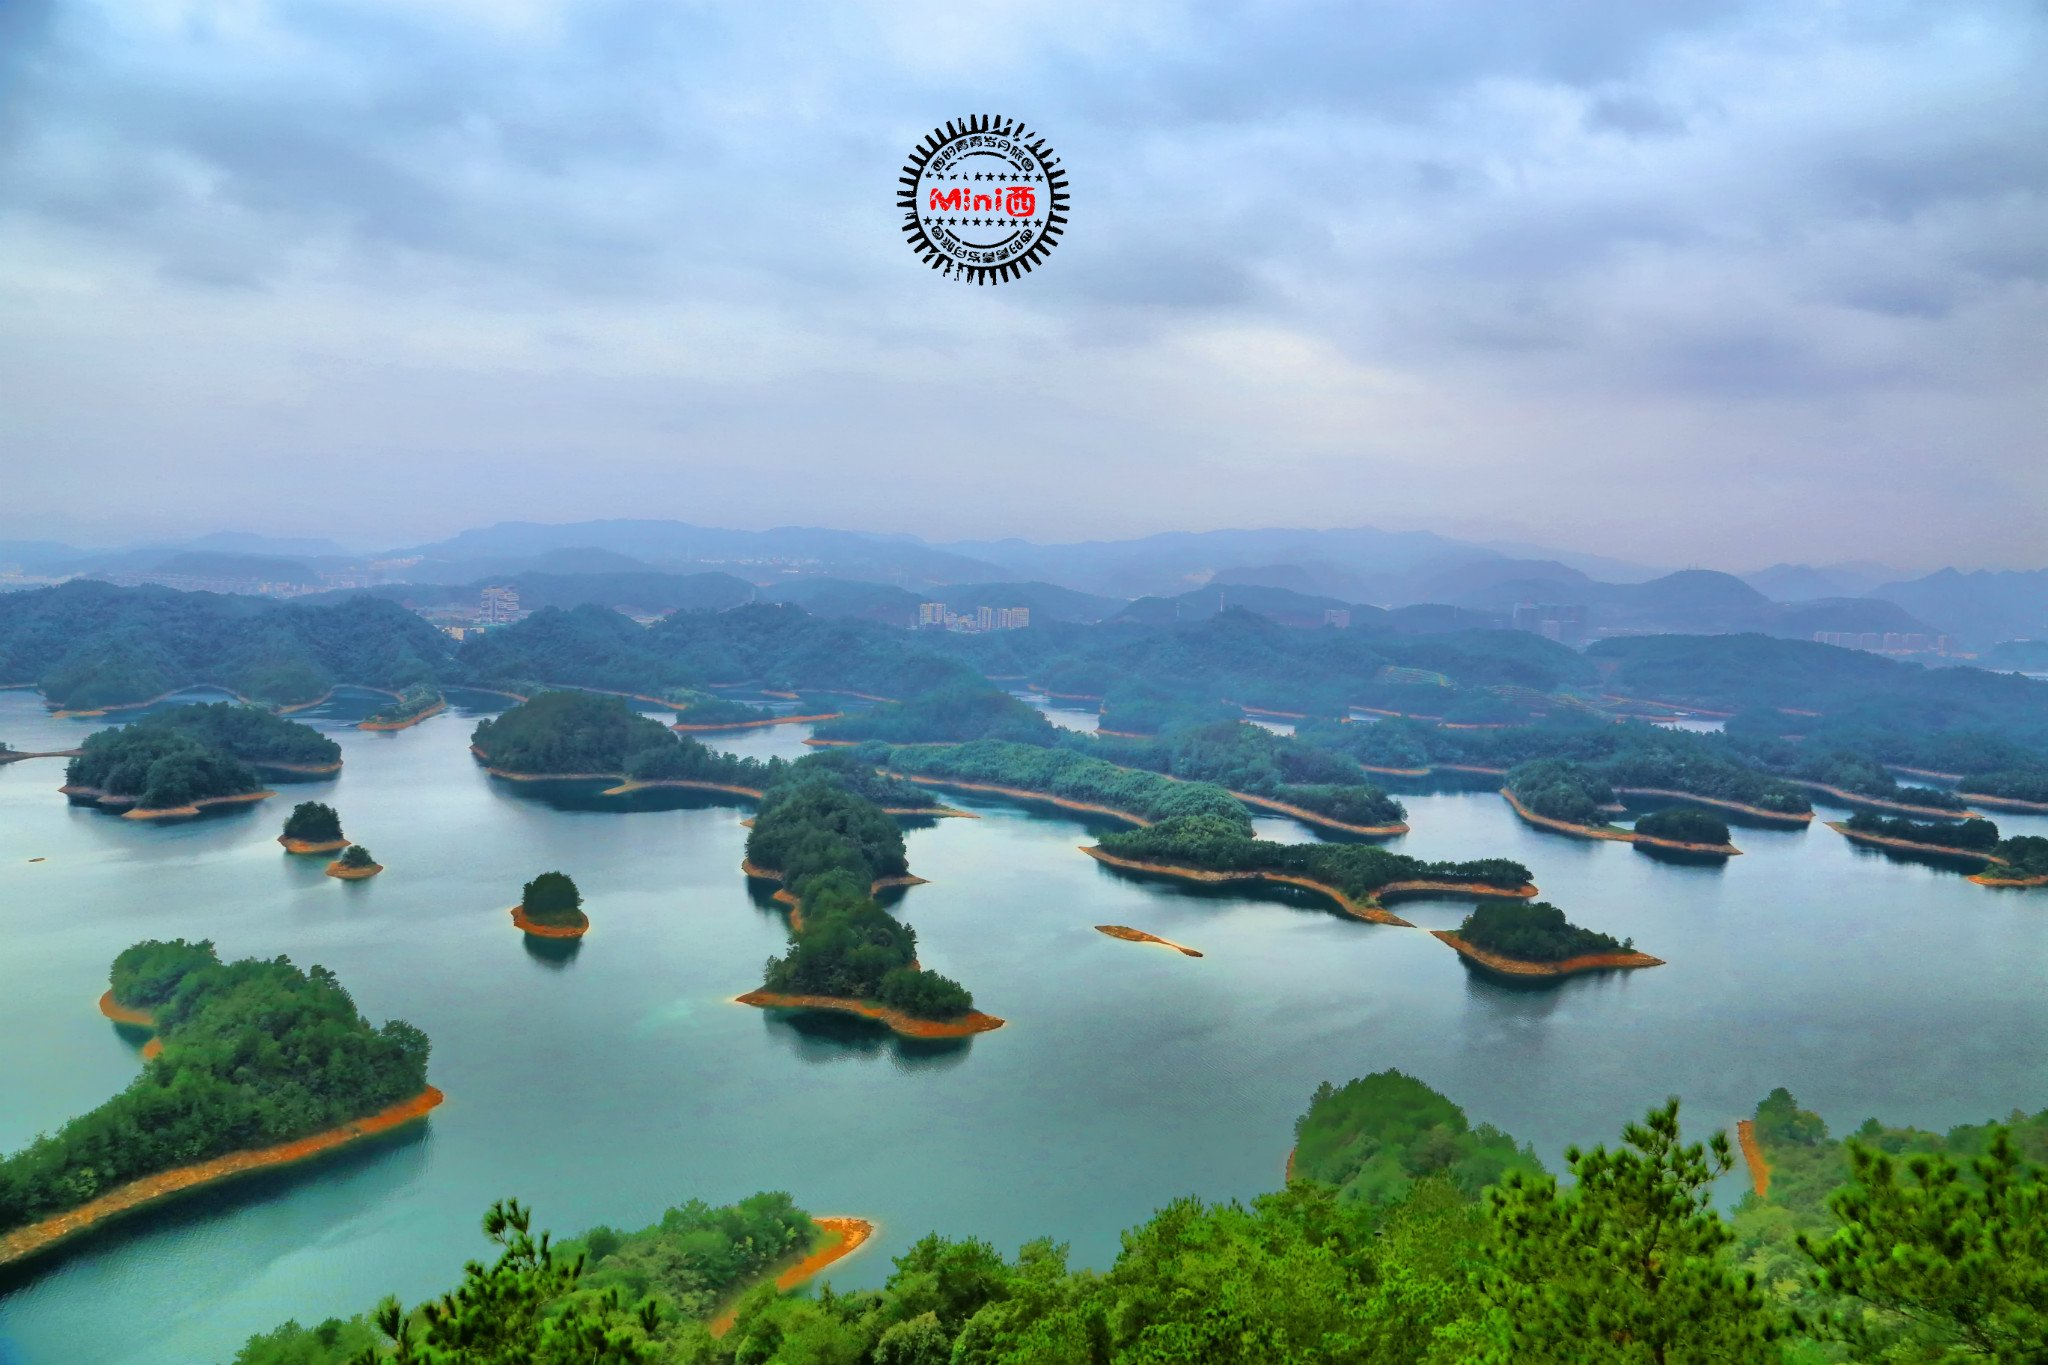 西的旅图之陪你泛岁月的涟漪,淳安千岛湖